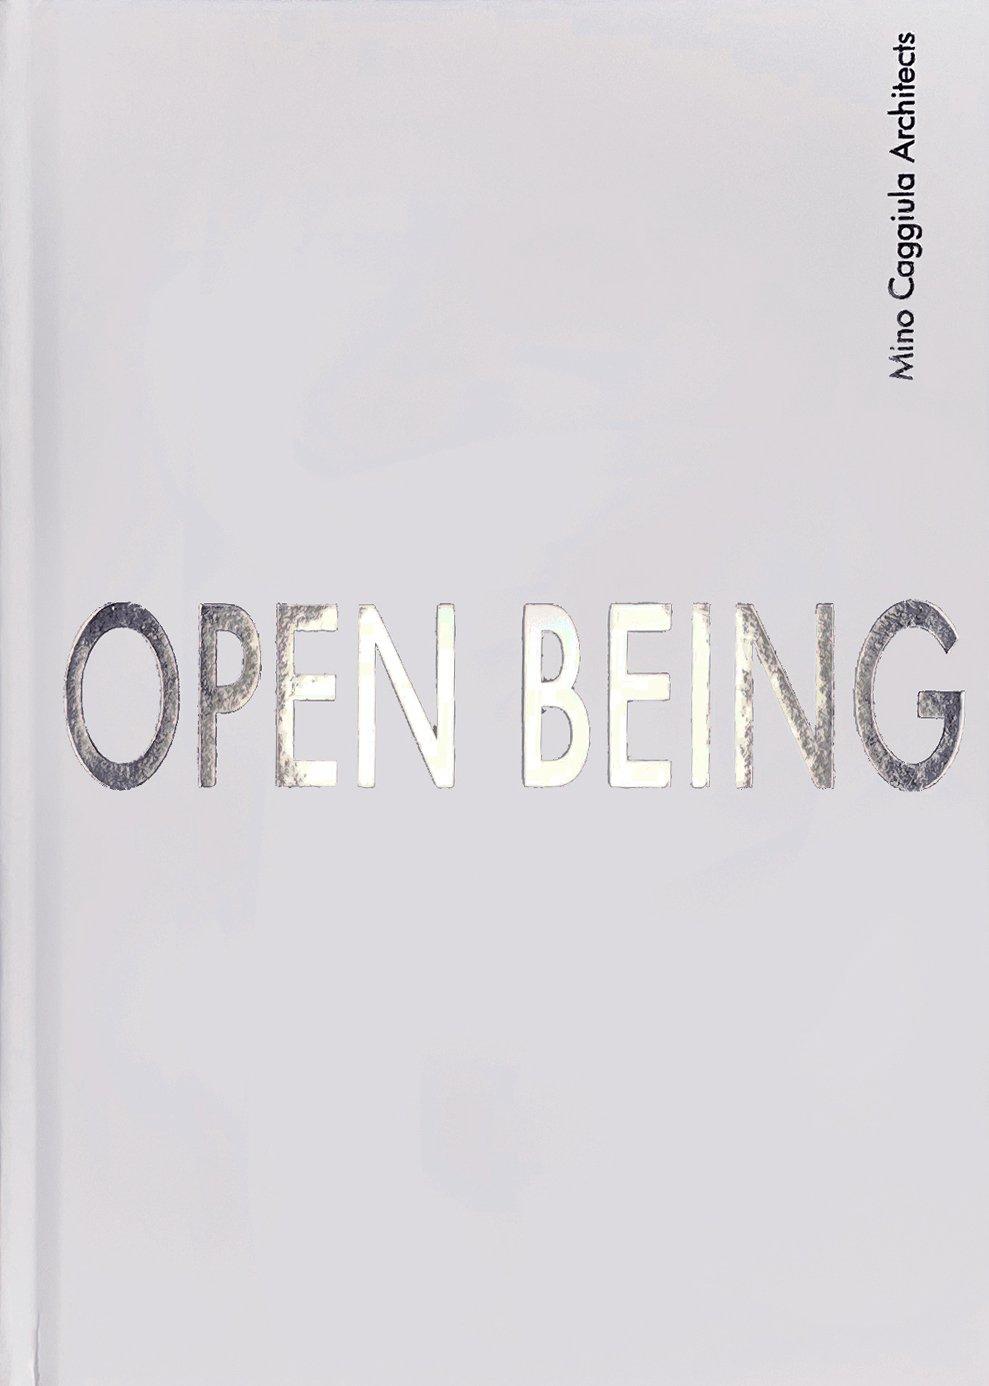 OPEN BEING, MINO CAGGIULA ARCHITECTS - Versione Italiana